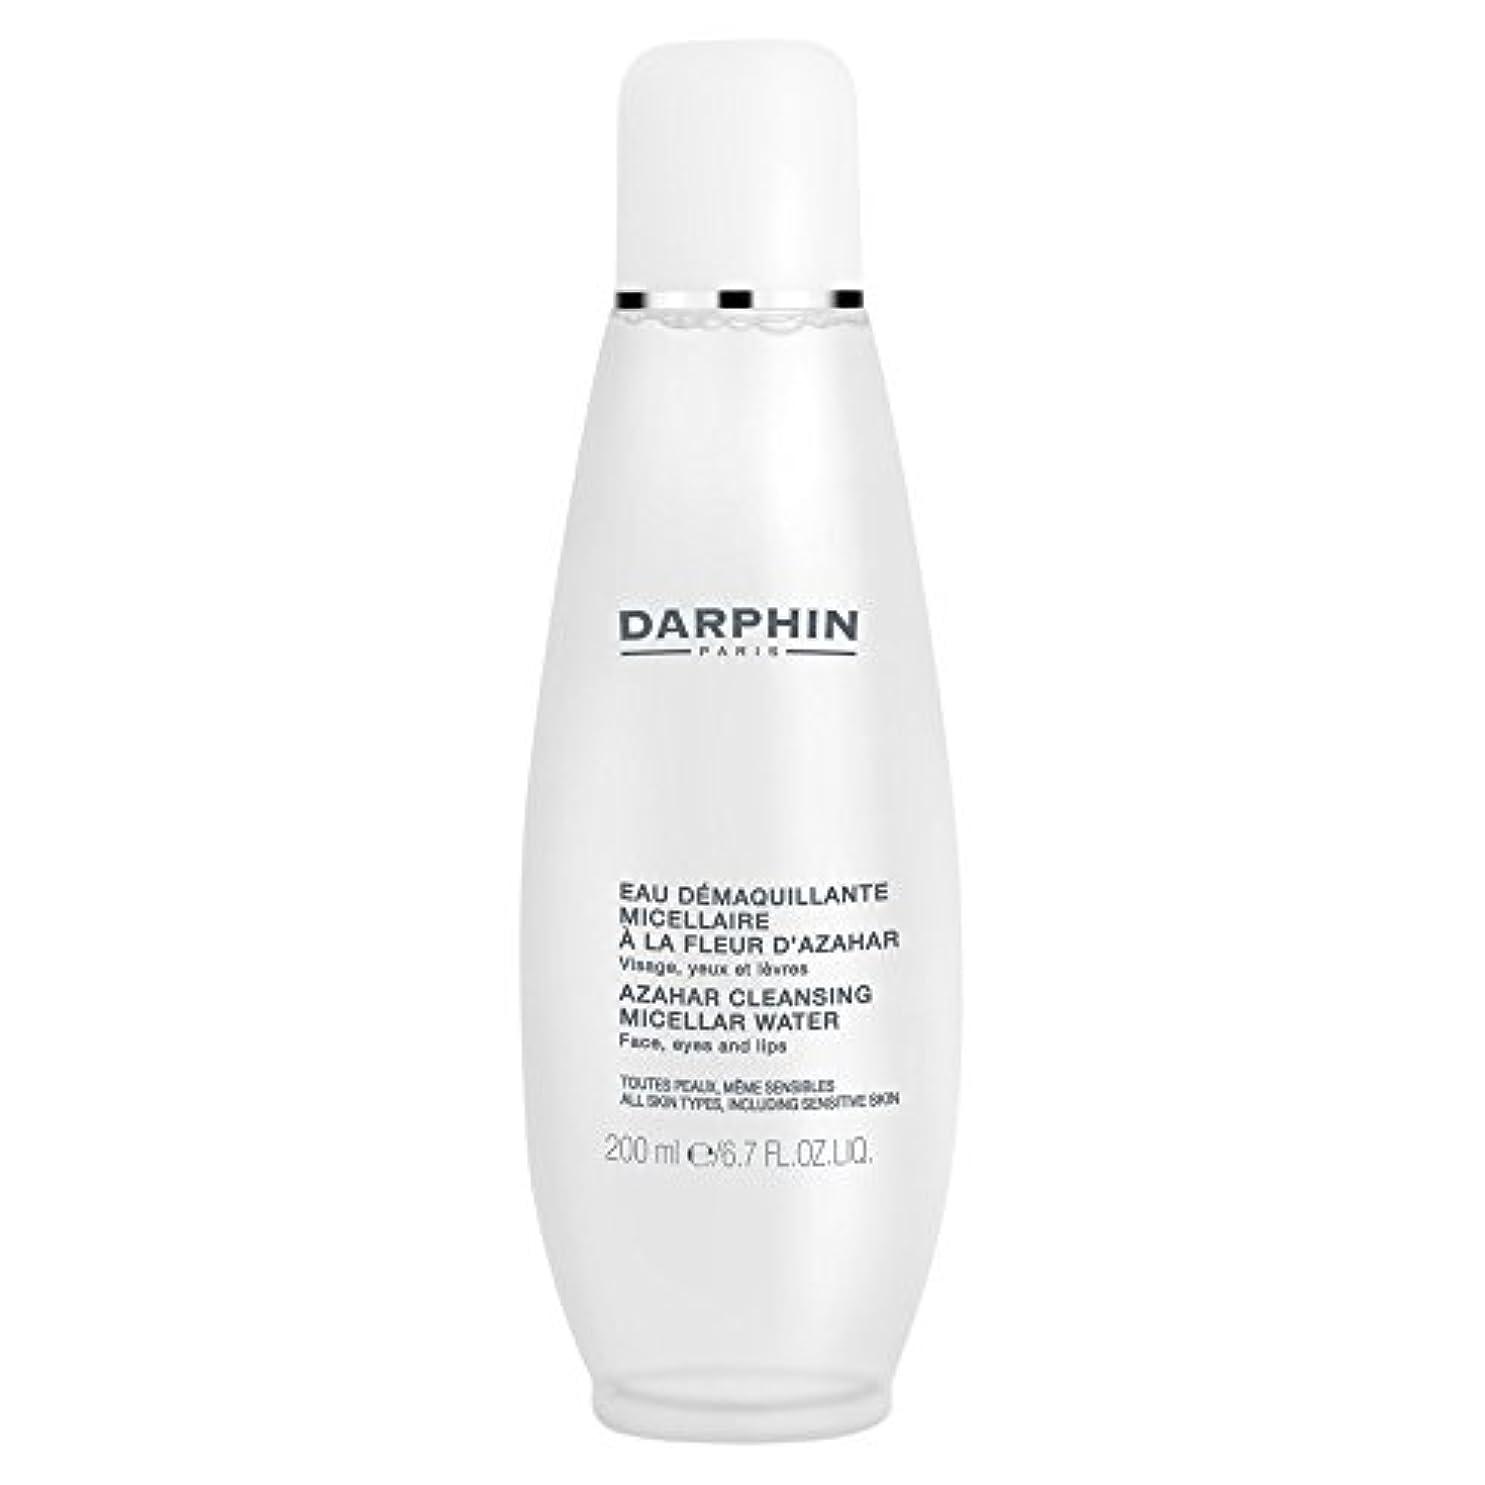 支払いかわす空港ミセル水クレンジングアサールダルファン、200ミリリットル (Darphin) (x6) - Darphin Azahar Cleansing Micellar Water, 200ml (Pack of 6) [並行輸入品]